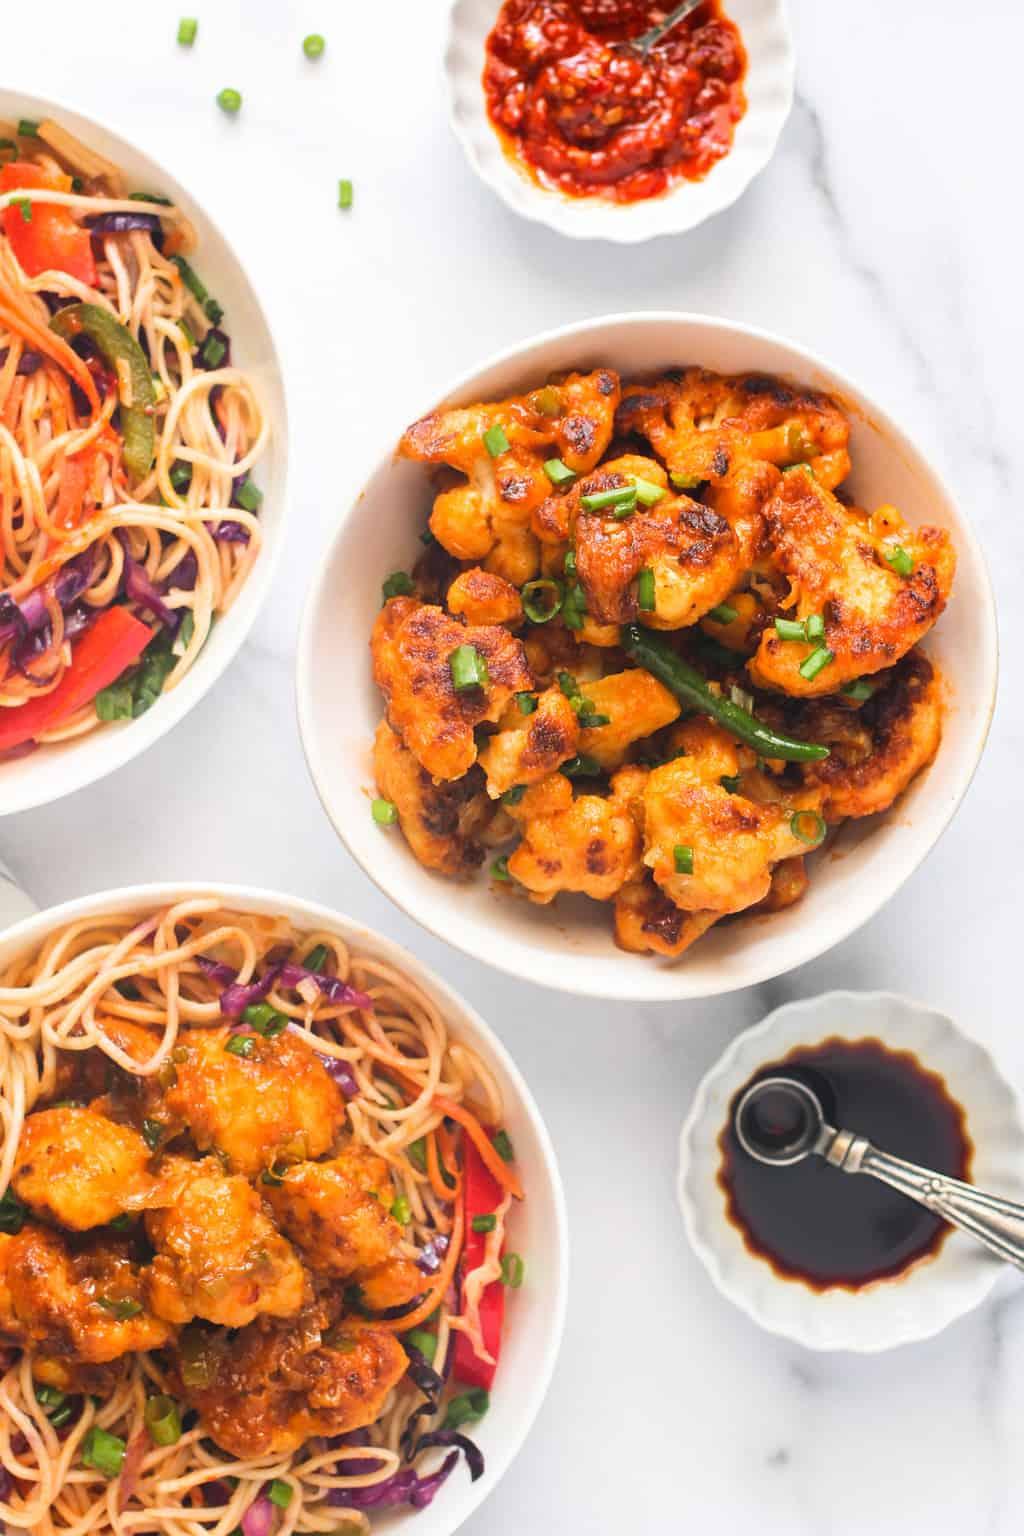 Gobi Manchurian served over hakka noodles